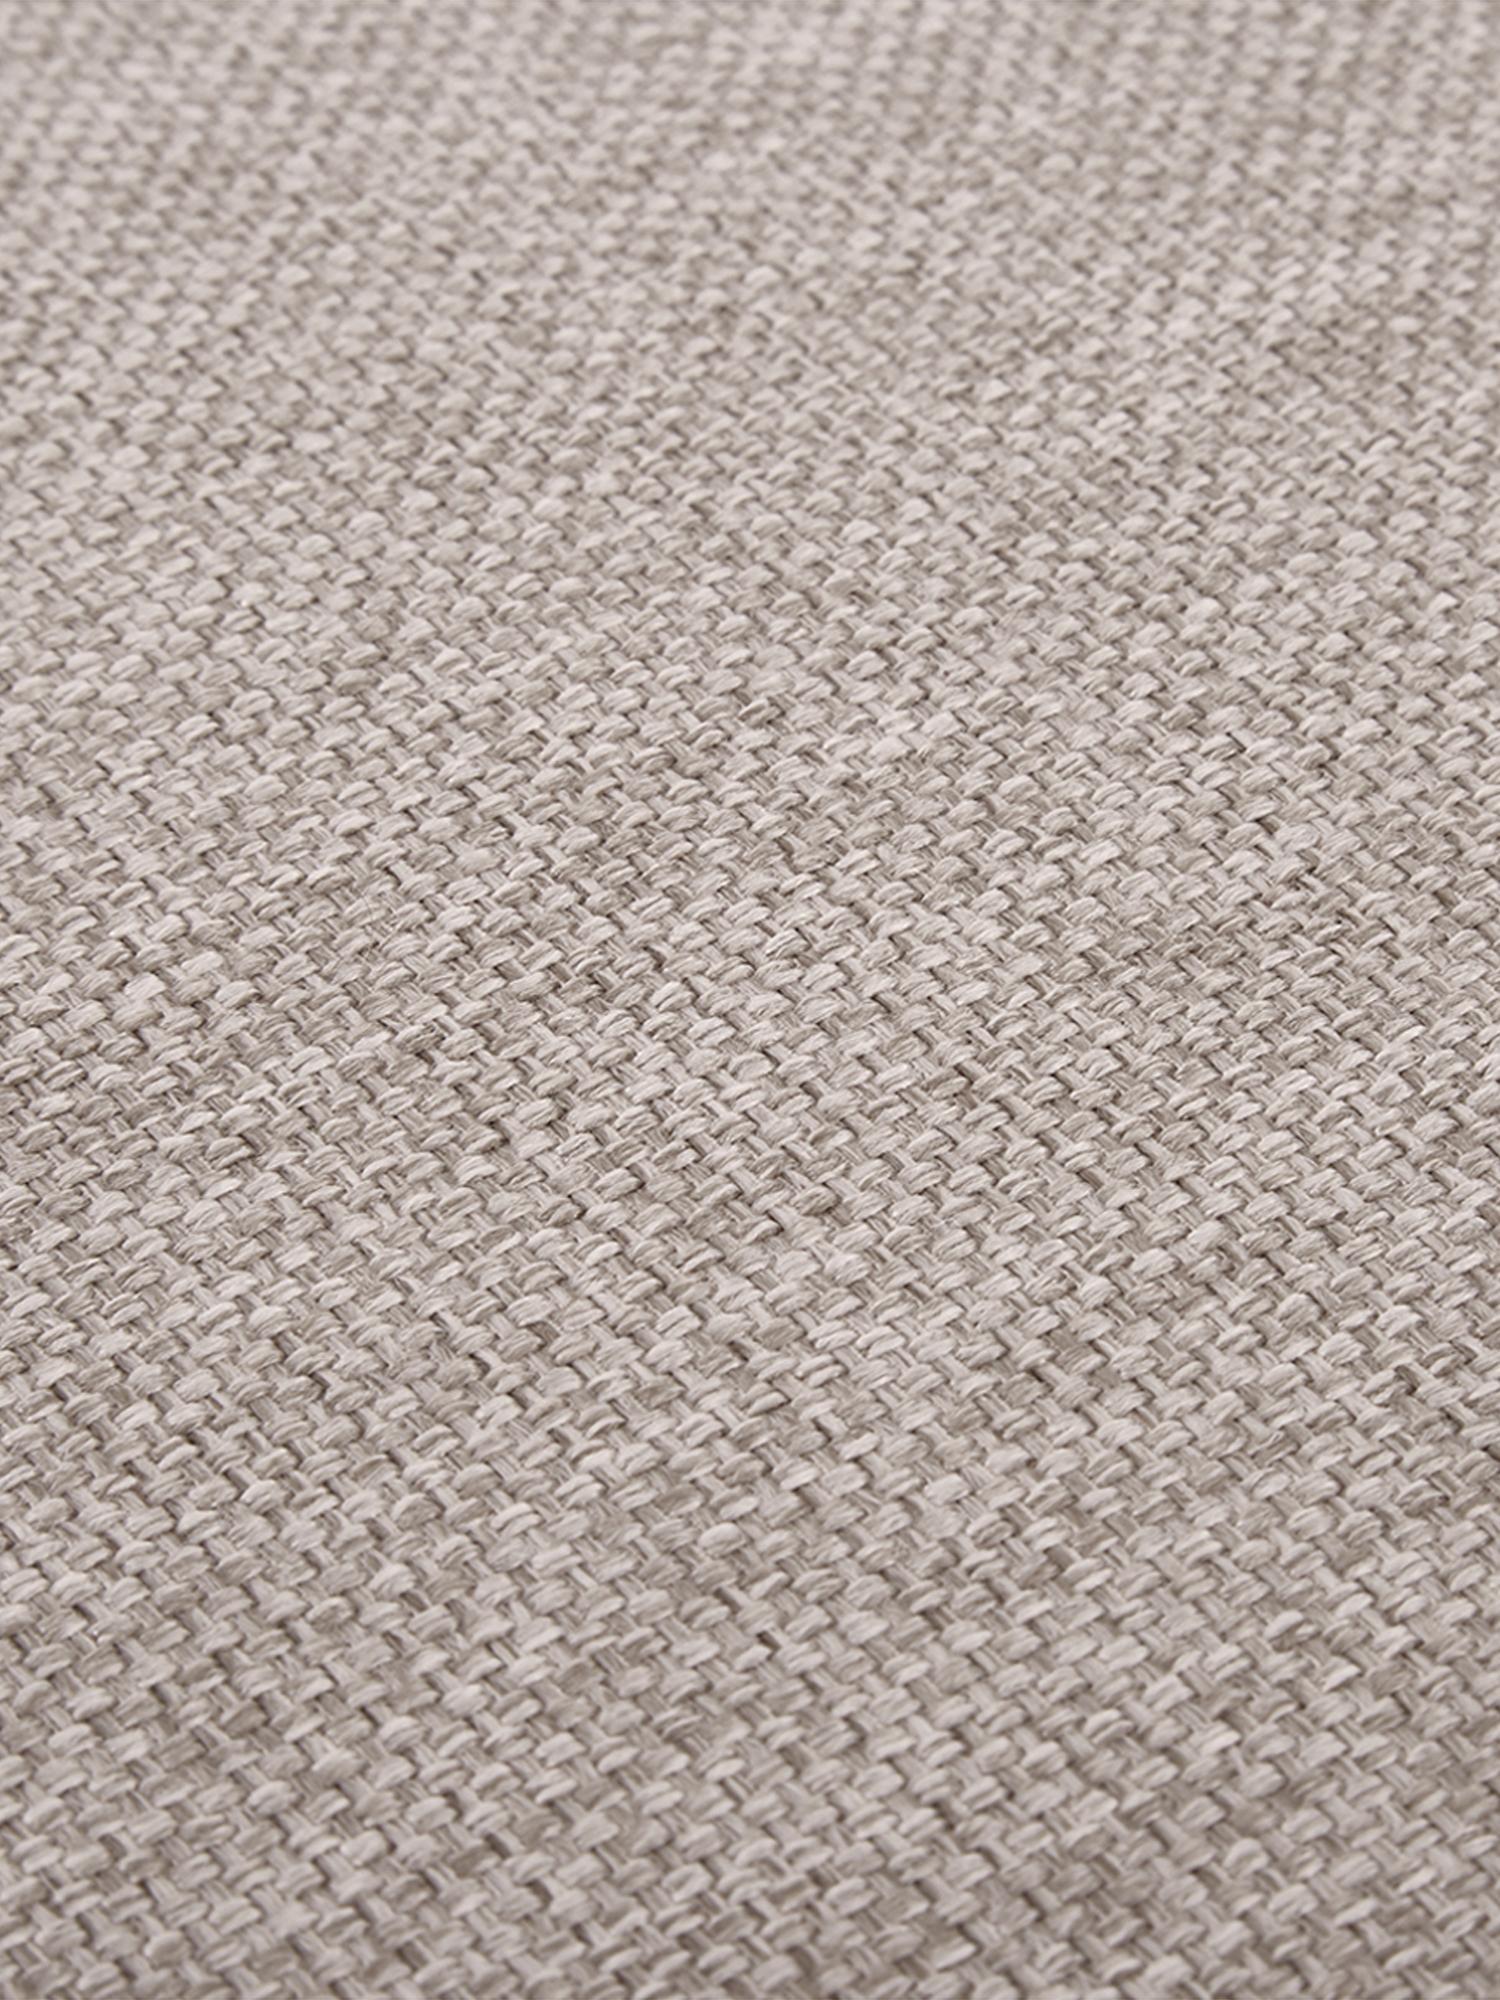 Sofa-Hocker Cucita mit Stauraum, Bezug: Webstoff (Polyester) Der , Gestell: Massives Kiefernholz, Füße: Metall, lackiert, Beige, 85 x 42 cm